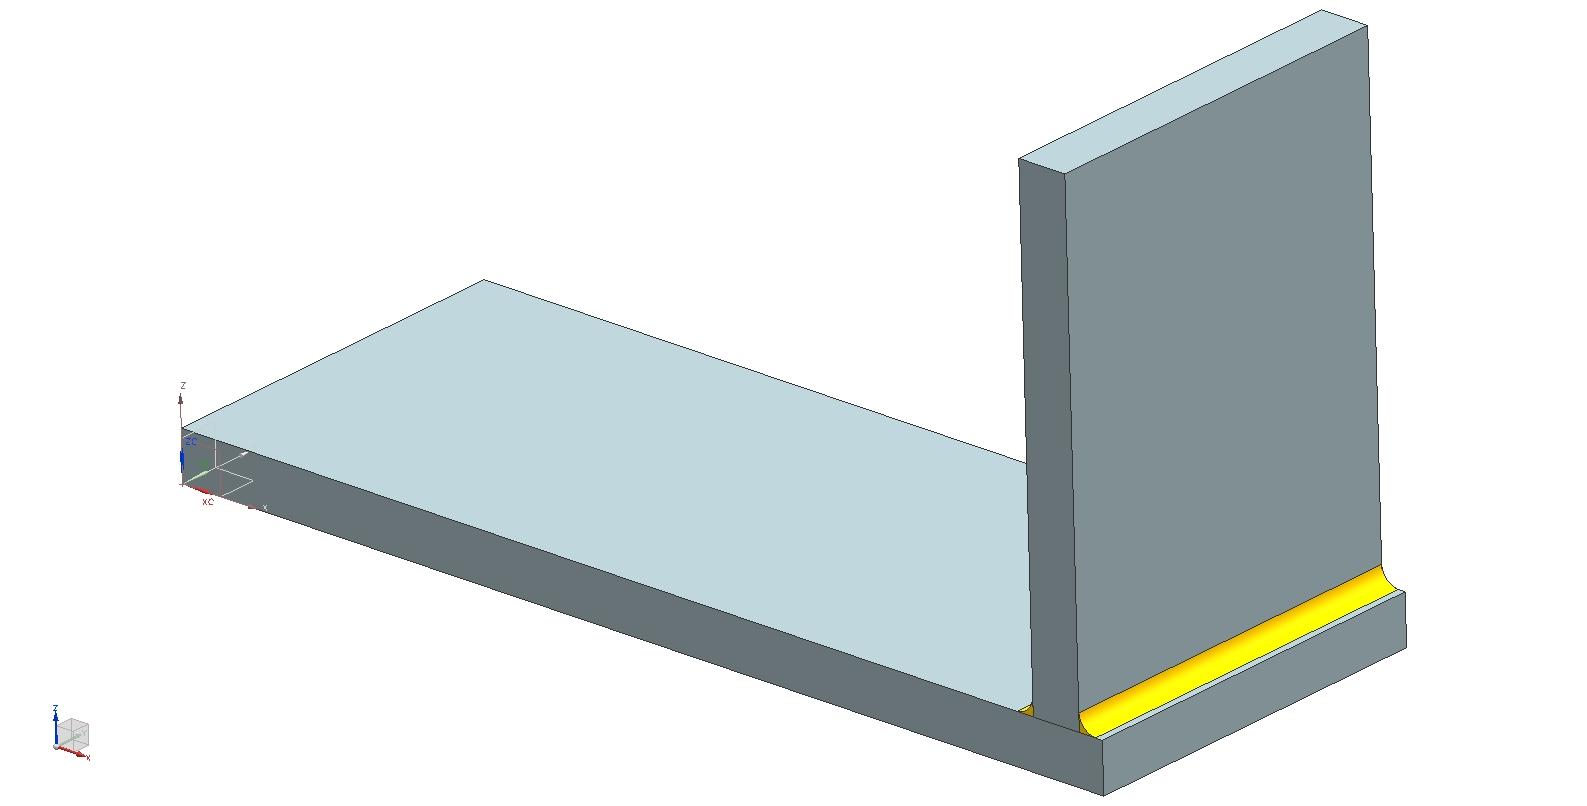 schwei naht fem genormte berechnungen fem allgemein. Black Bedroom Furniture Sets. Home Design Ideas